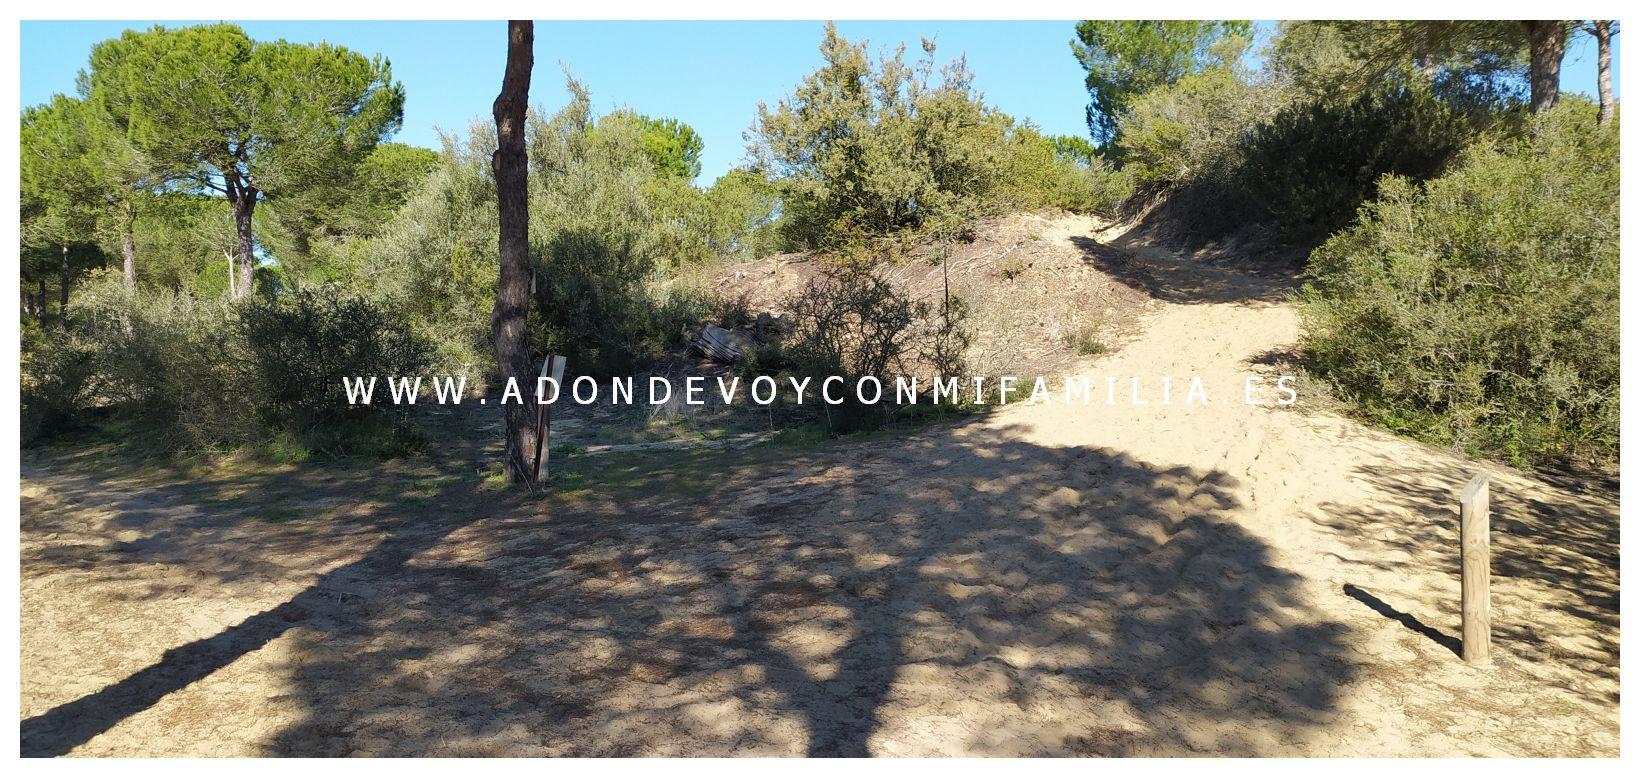 sendero-cerro-del-aguila-pinar-de-la-algaida-sanlucar-adondevoyconmifamilia-17